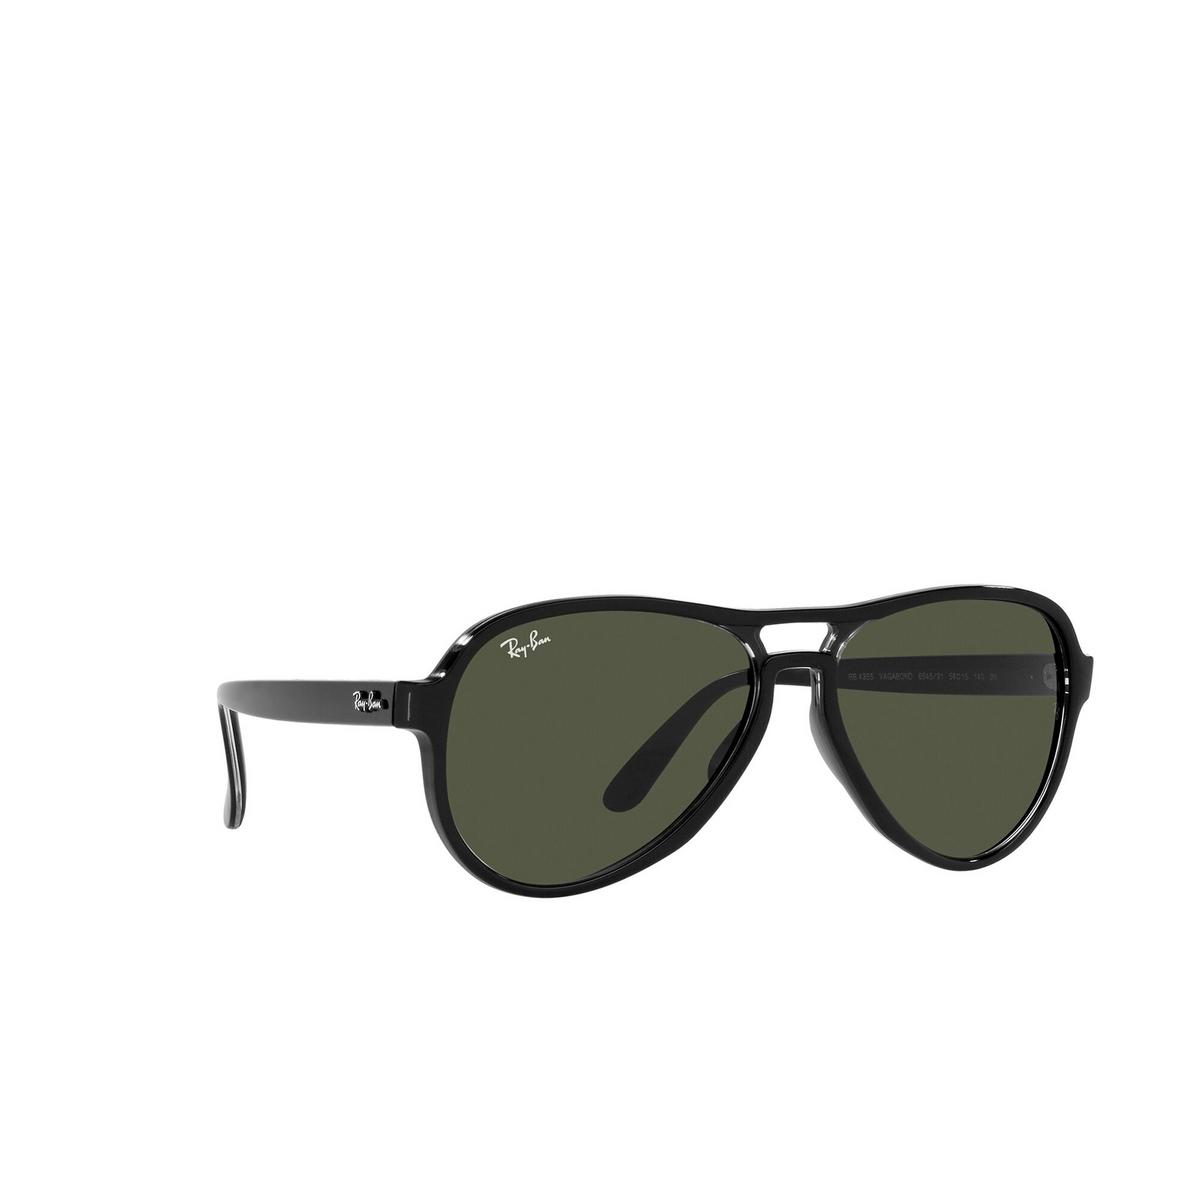 Ray-Ban® Aviator Sunglasses: Vagabond RB4355 color Black Transparent 654531 - three-quarters view.